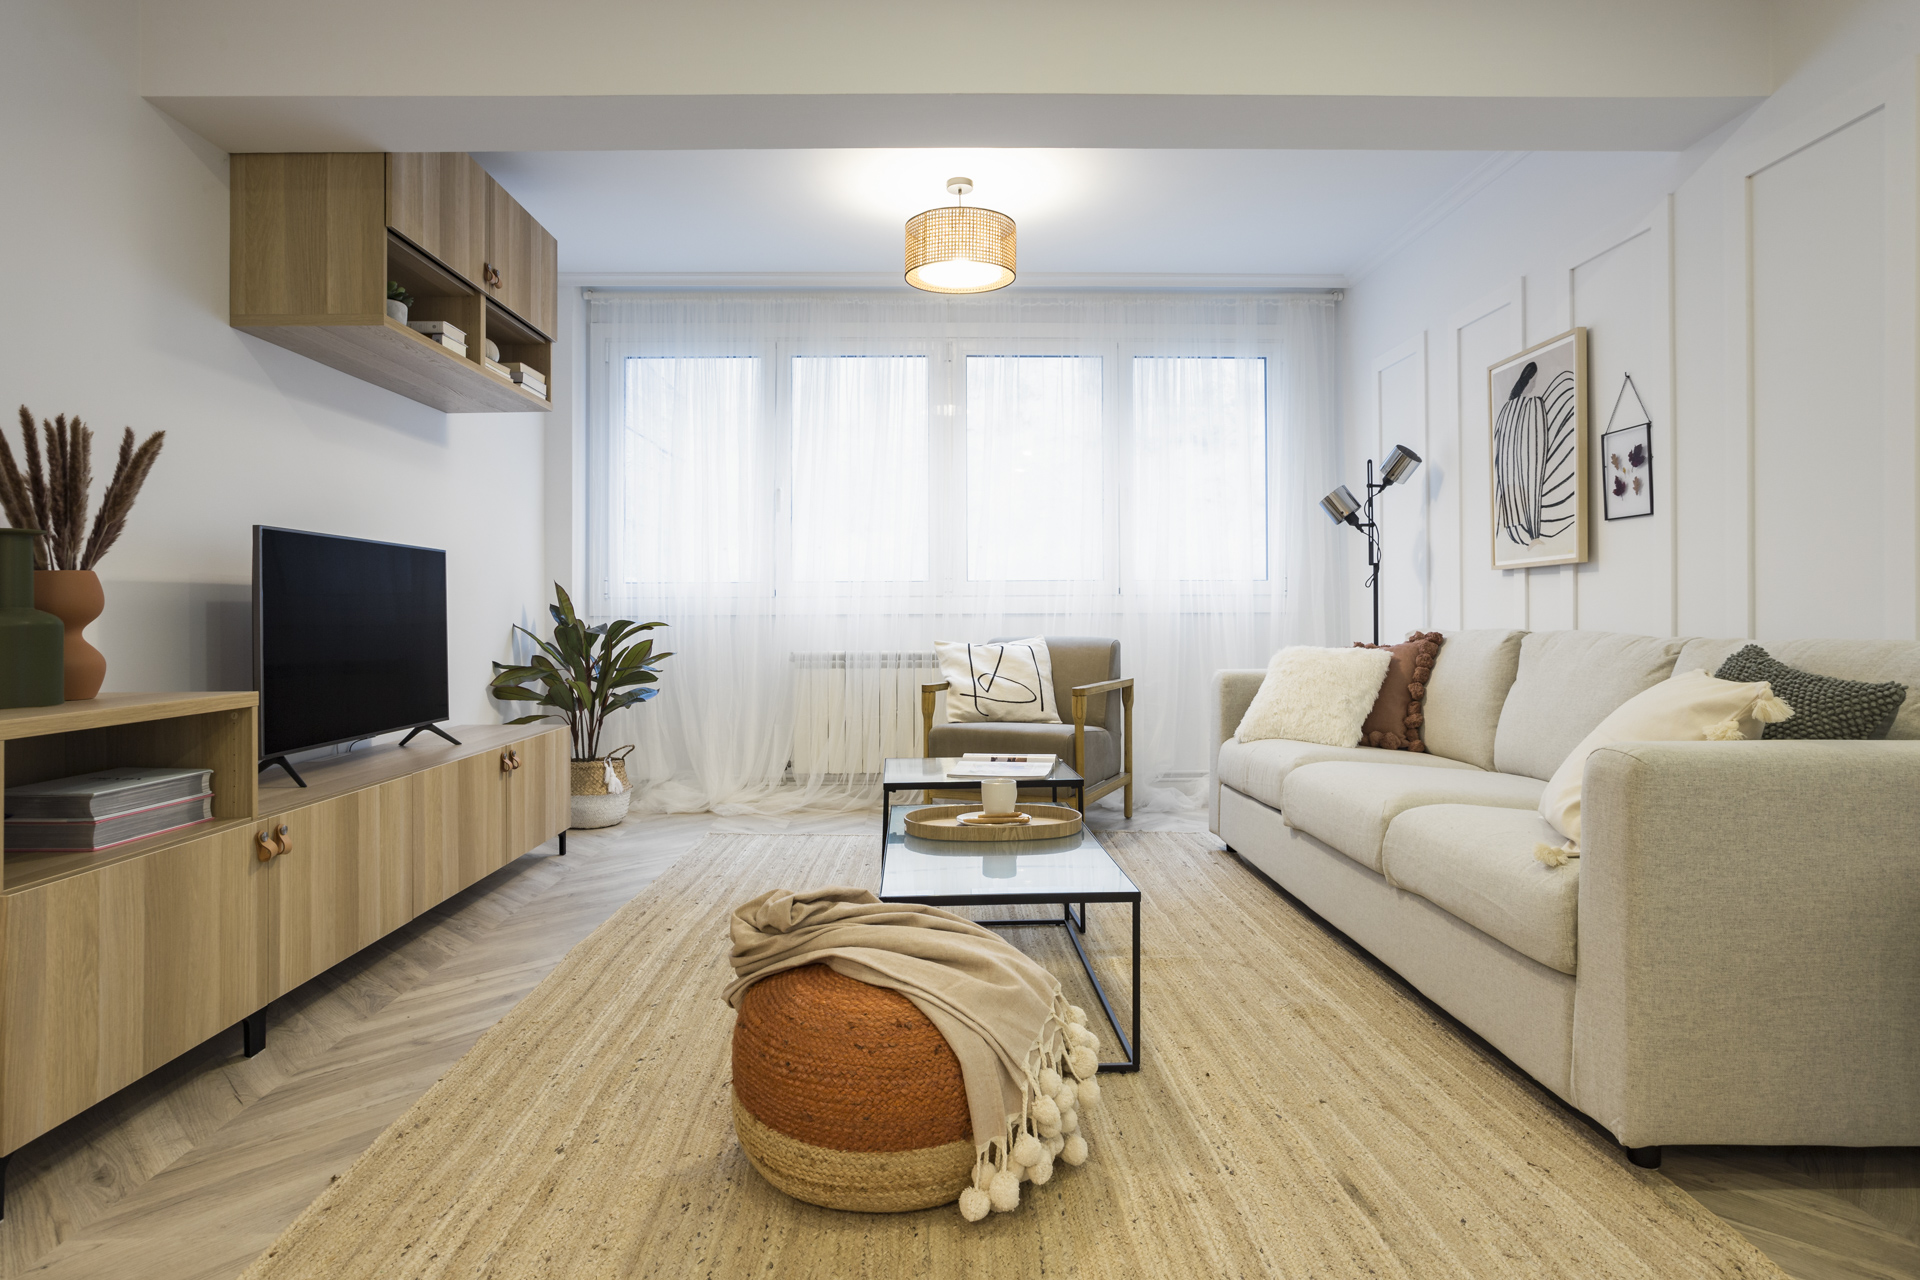 Reforma de vivienda I Espacio Concept - Reforma de vivienda I Espacio Concept - Reforma de vivienda I Espacio Concept | Jose Chas